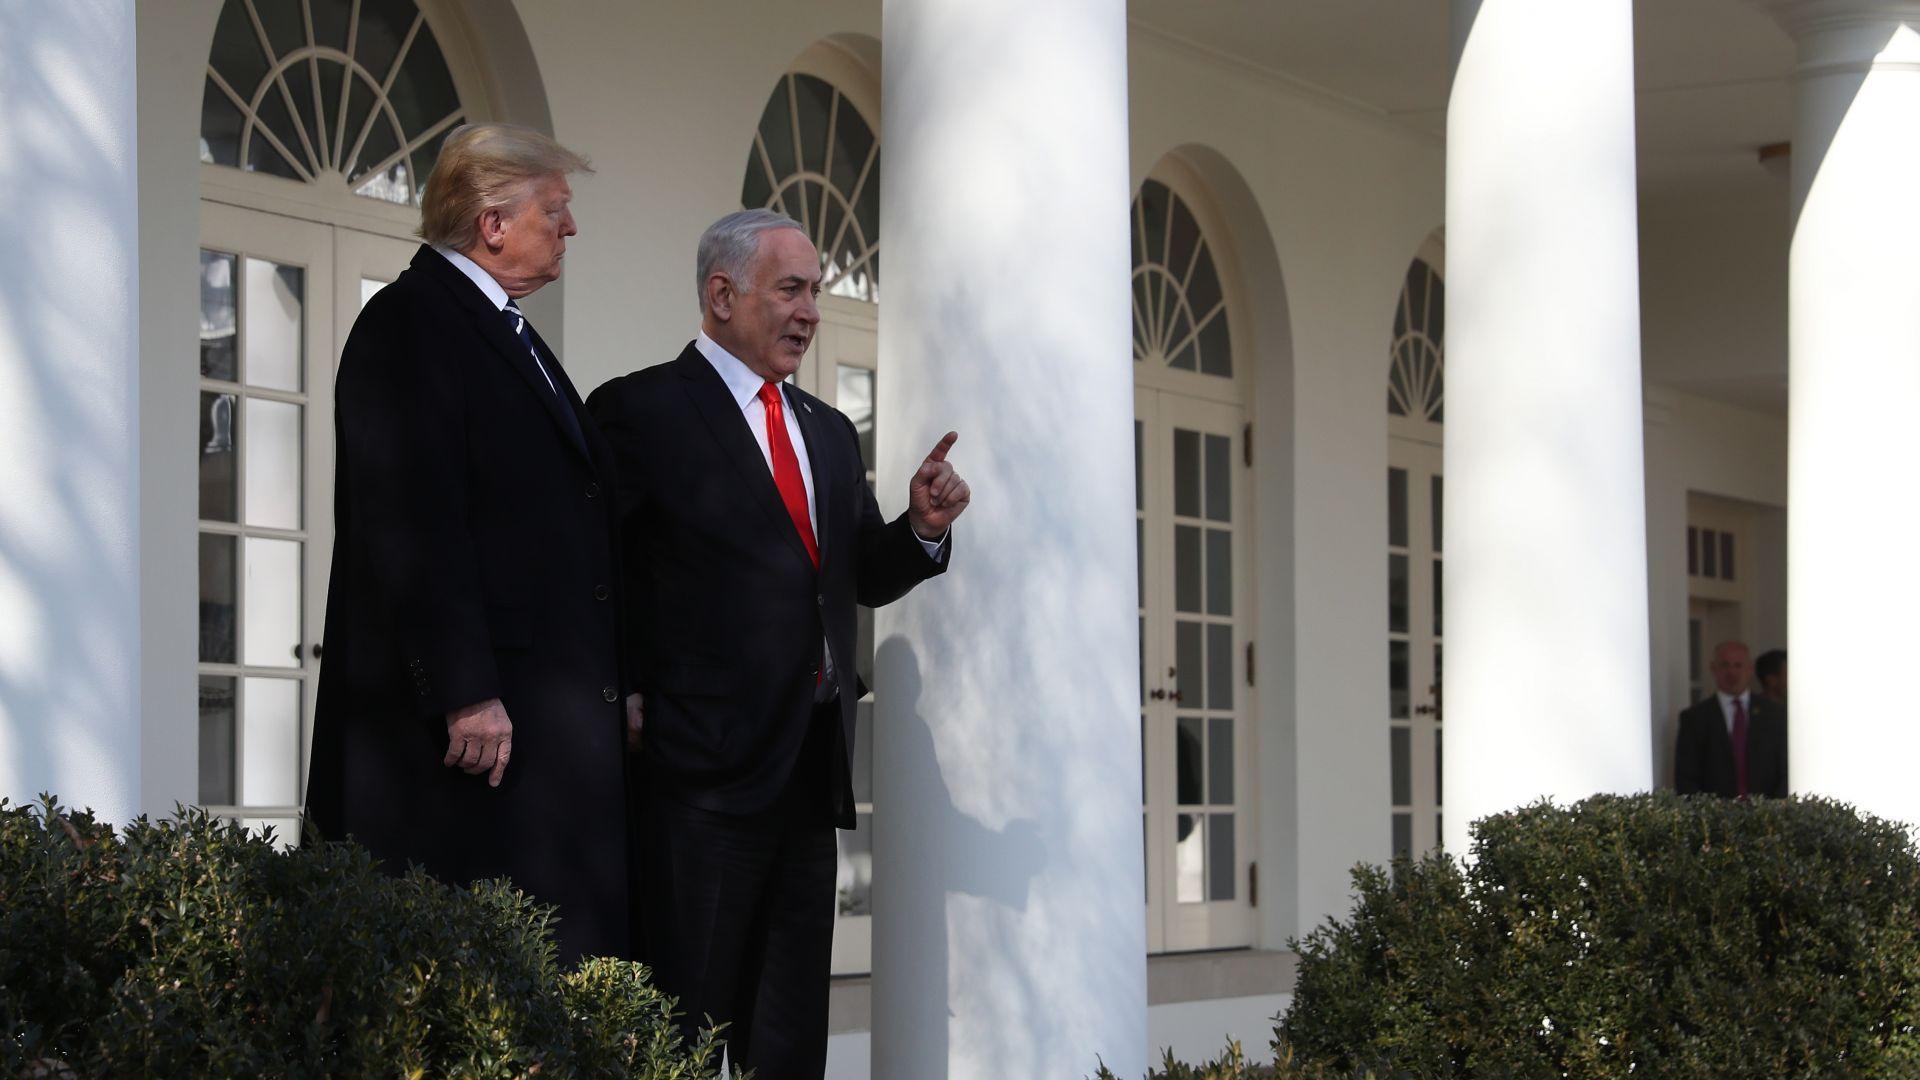 След Белия дом Нетаняху се отправи към Кремъл